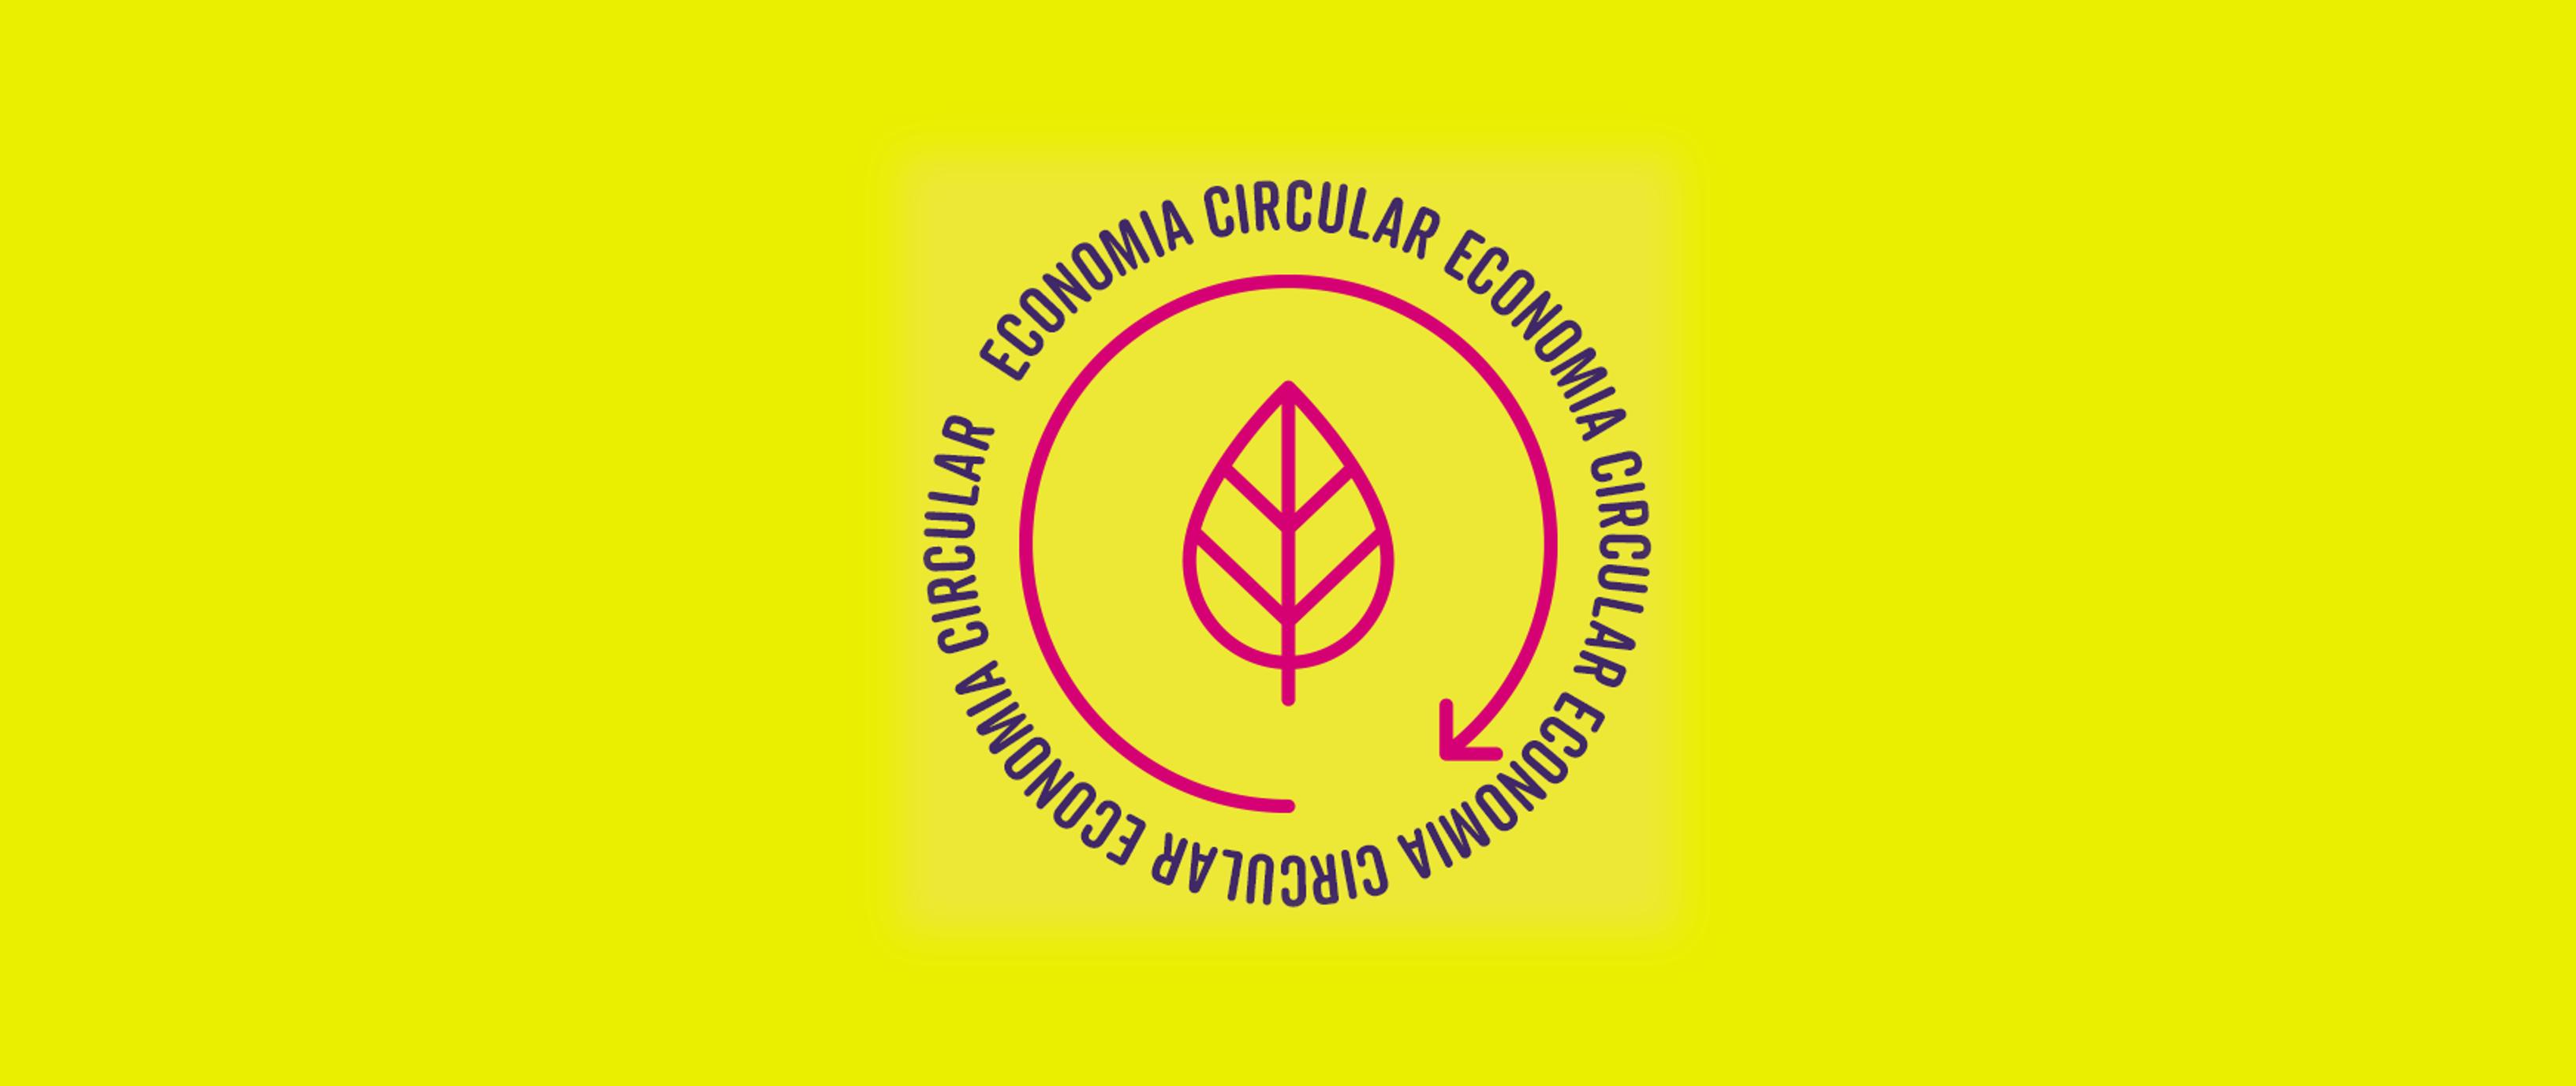 Economia Circular x Linear: um jeito de produzir realmente sustentável